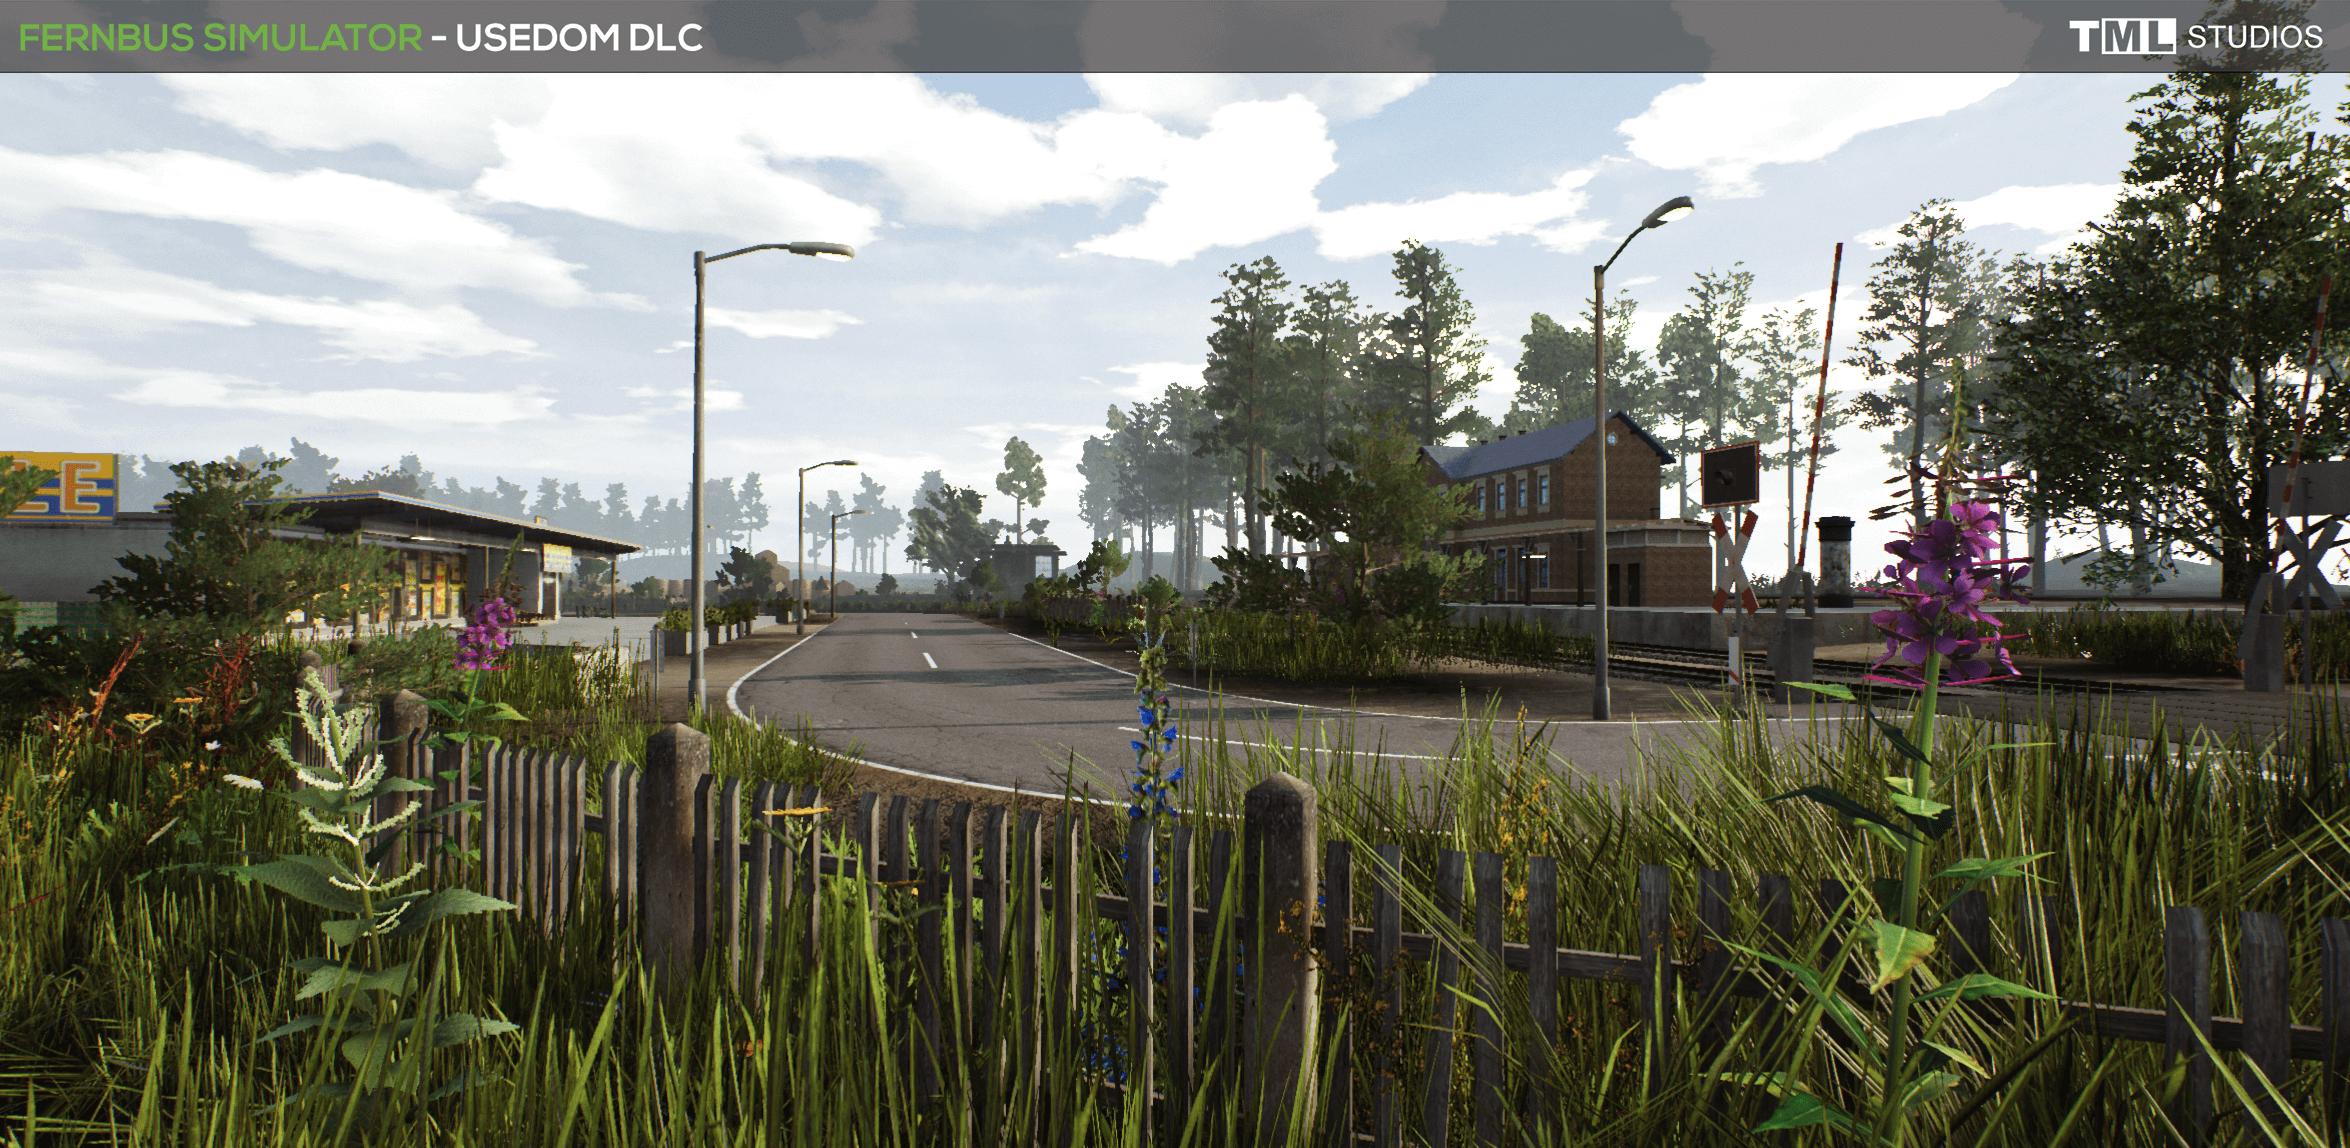 Fernbus Simulator: beta-обновление 1.15